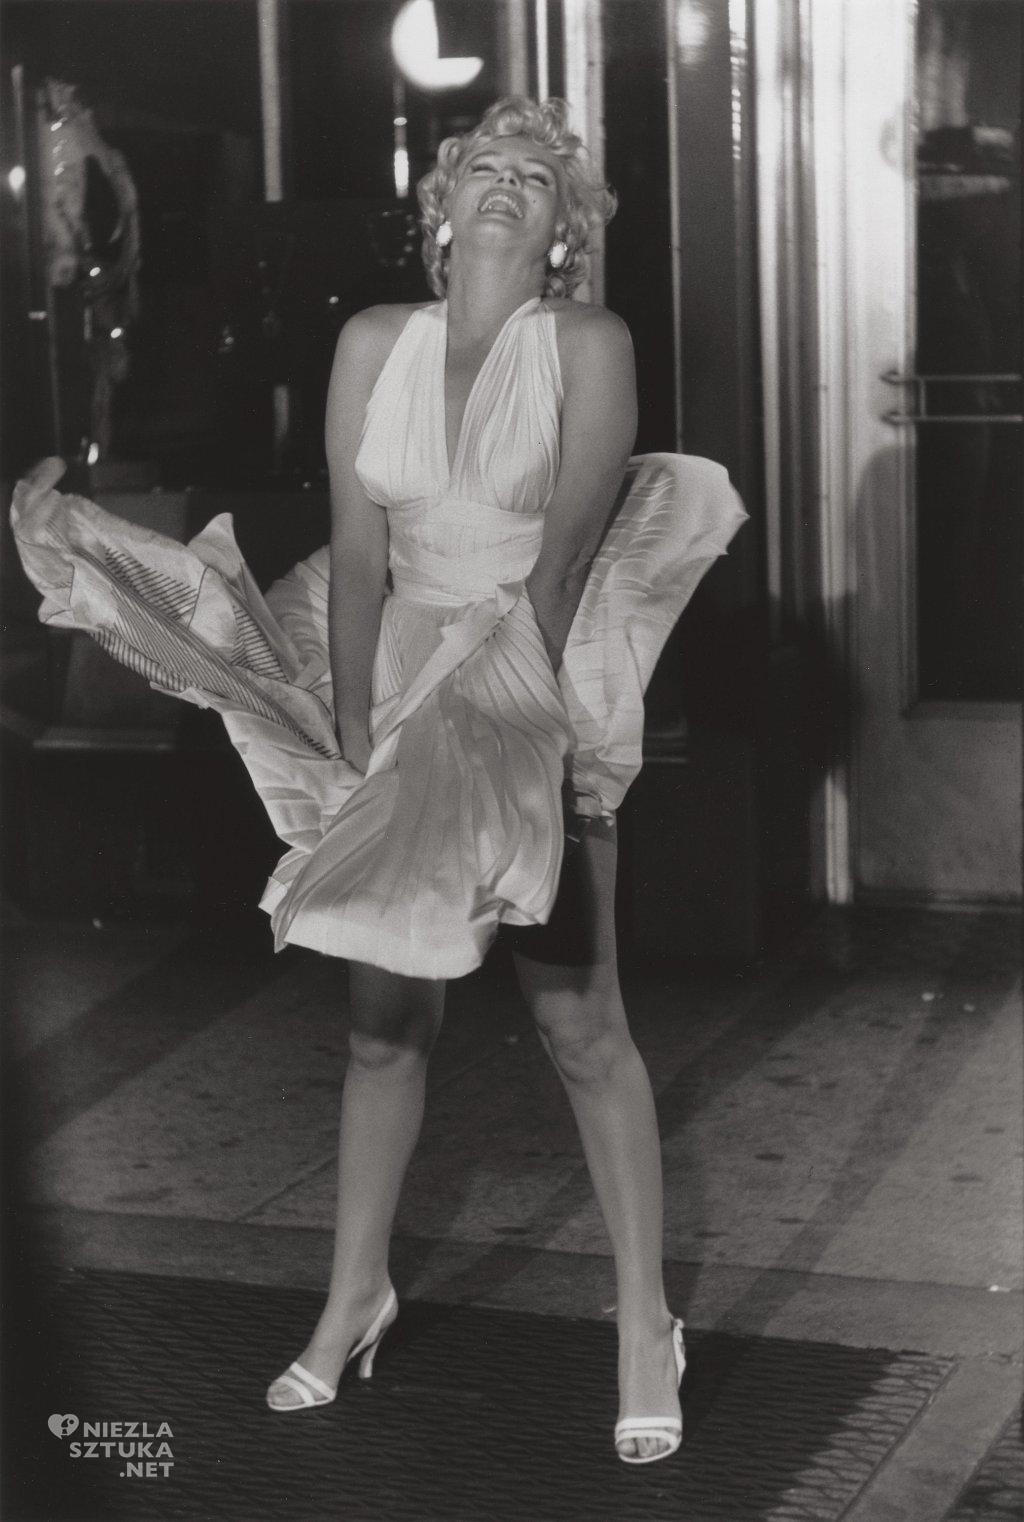 Marilyn Monroe na planie Słomianego wdowca, reż. Billy Wilder | 1955, fot. Garry Winogrand, źródło: theredlist.com